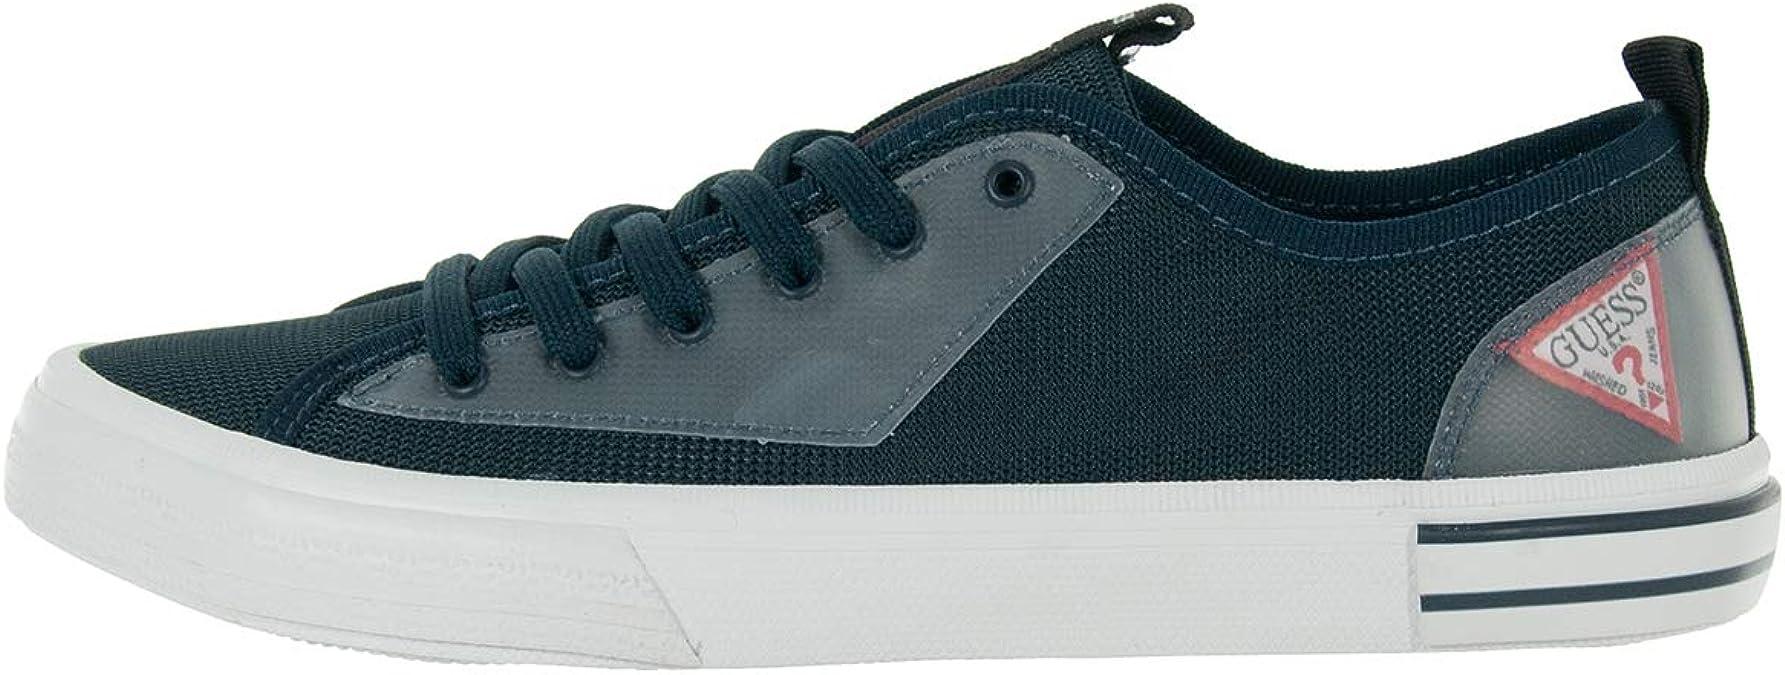 Guess - Zapatillas deportivas para hombre de algodón azul FM6NTLFAB12